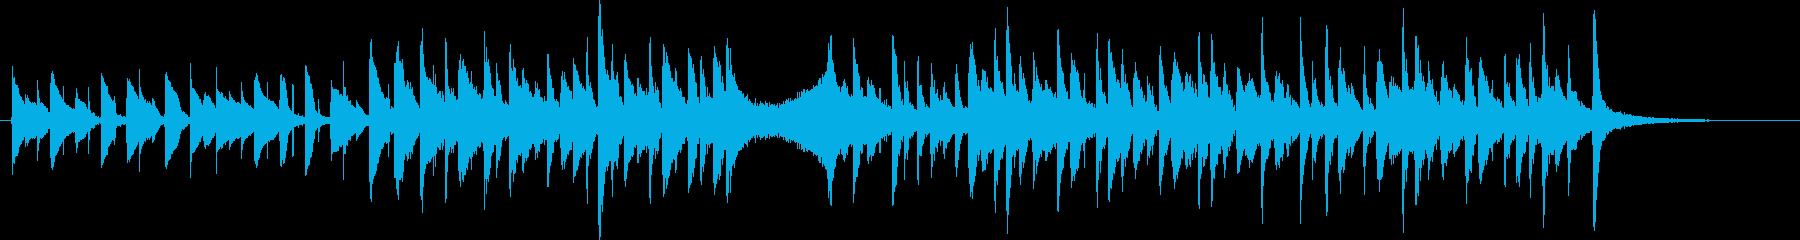 ラテン ジャズ バサノバ タンゴ ...の再生済みの波形